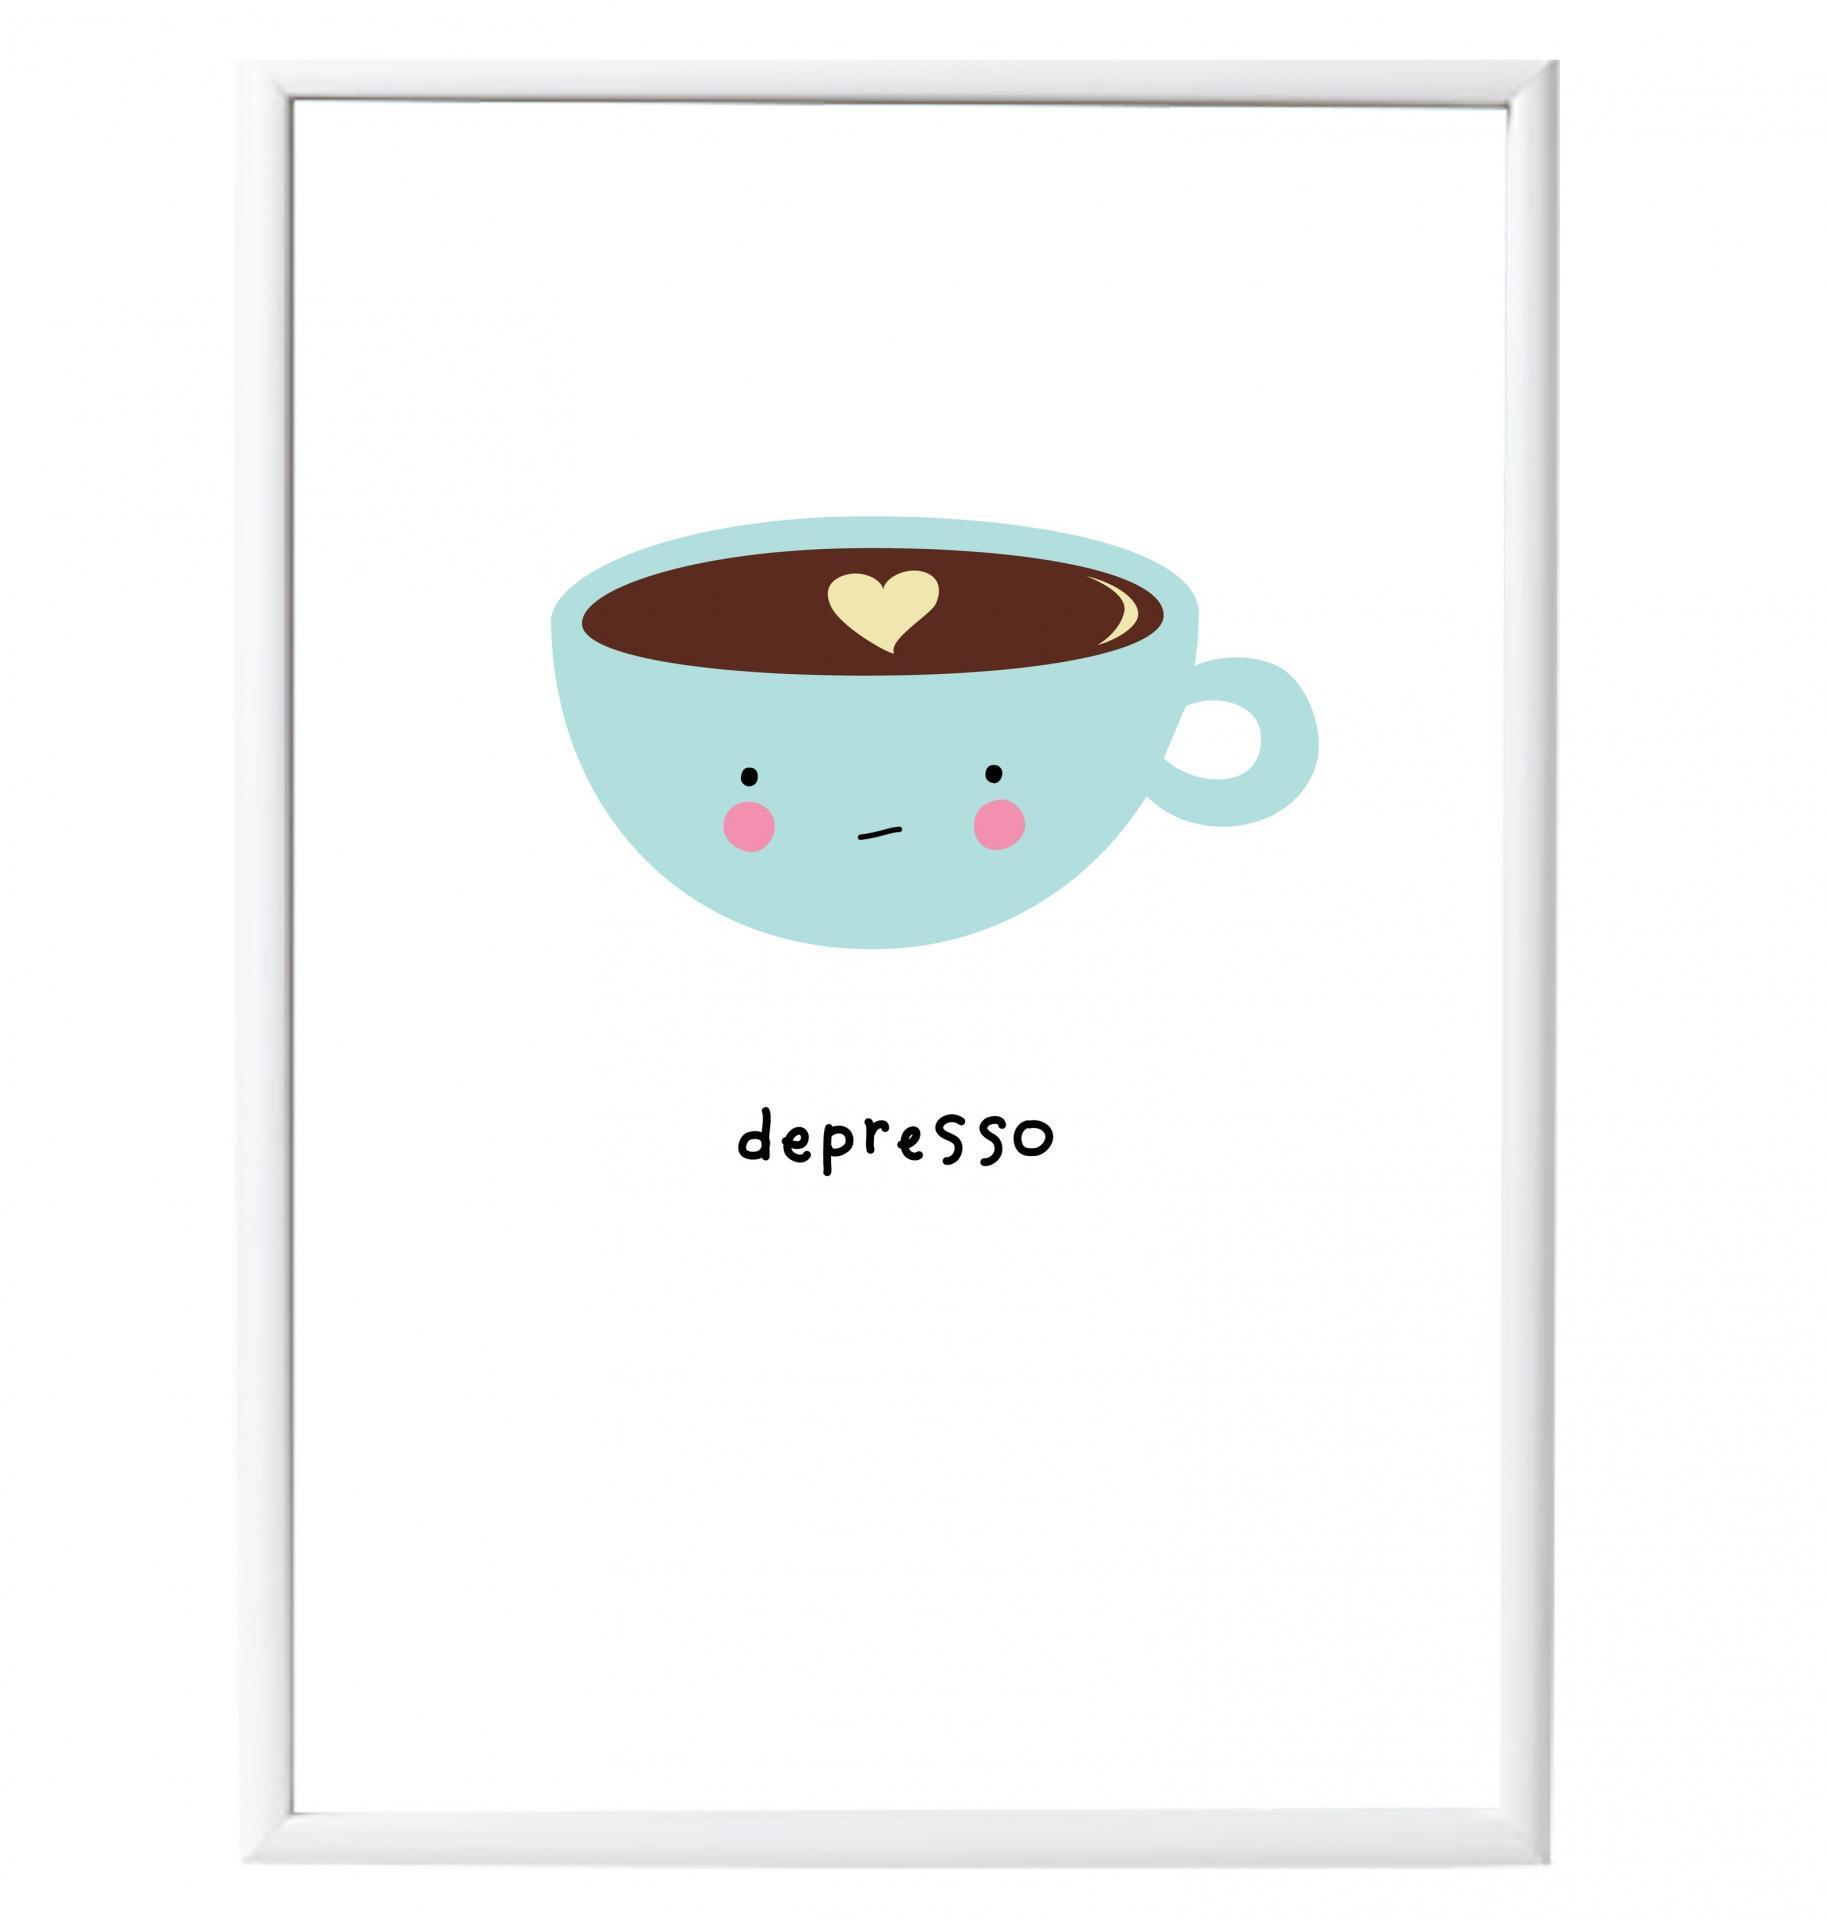 A Little Lovely Company Plakát Depresso A3, zelená barva, bílá barva, papír